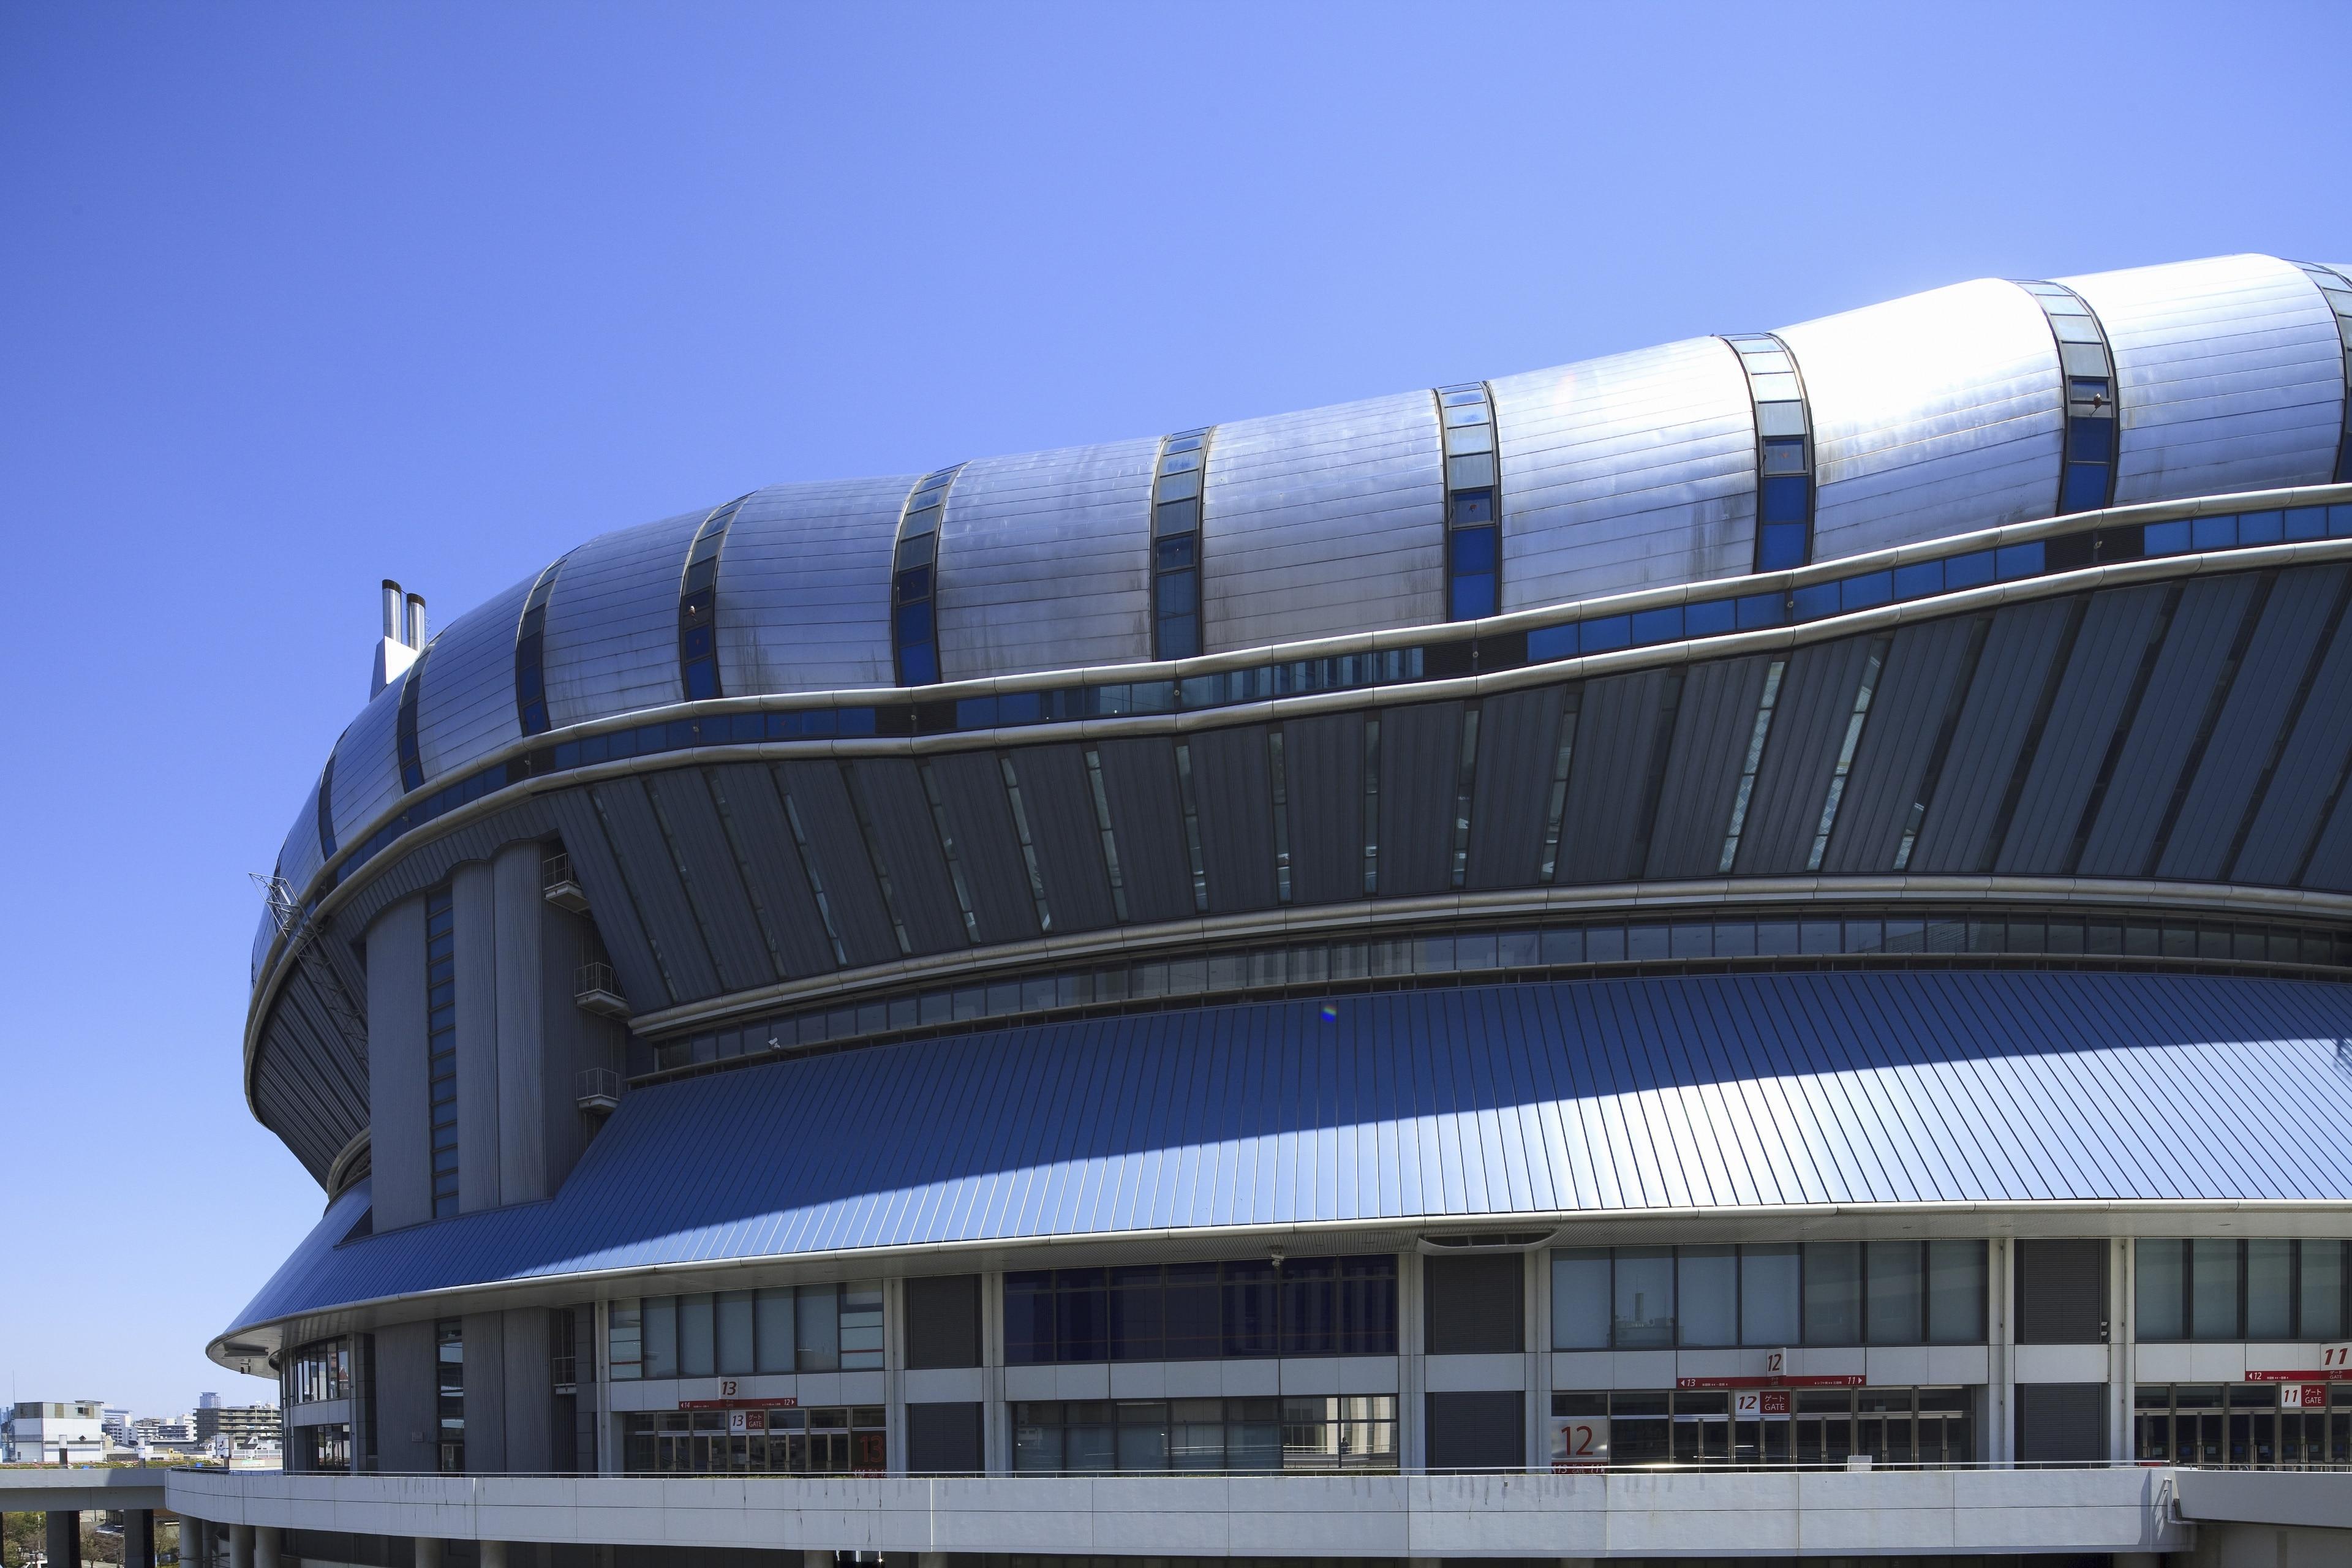 Profitez de votre séjour à Osaka pour assister à un événement particulier lors d'un détour par Stade de baseball Kyocera Dome Osaka. Découvrez les restaurants de cet endroit idéal pour les promenades ou profitez de votre séjour pour faire un détour par ses boutiques.